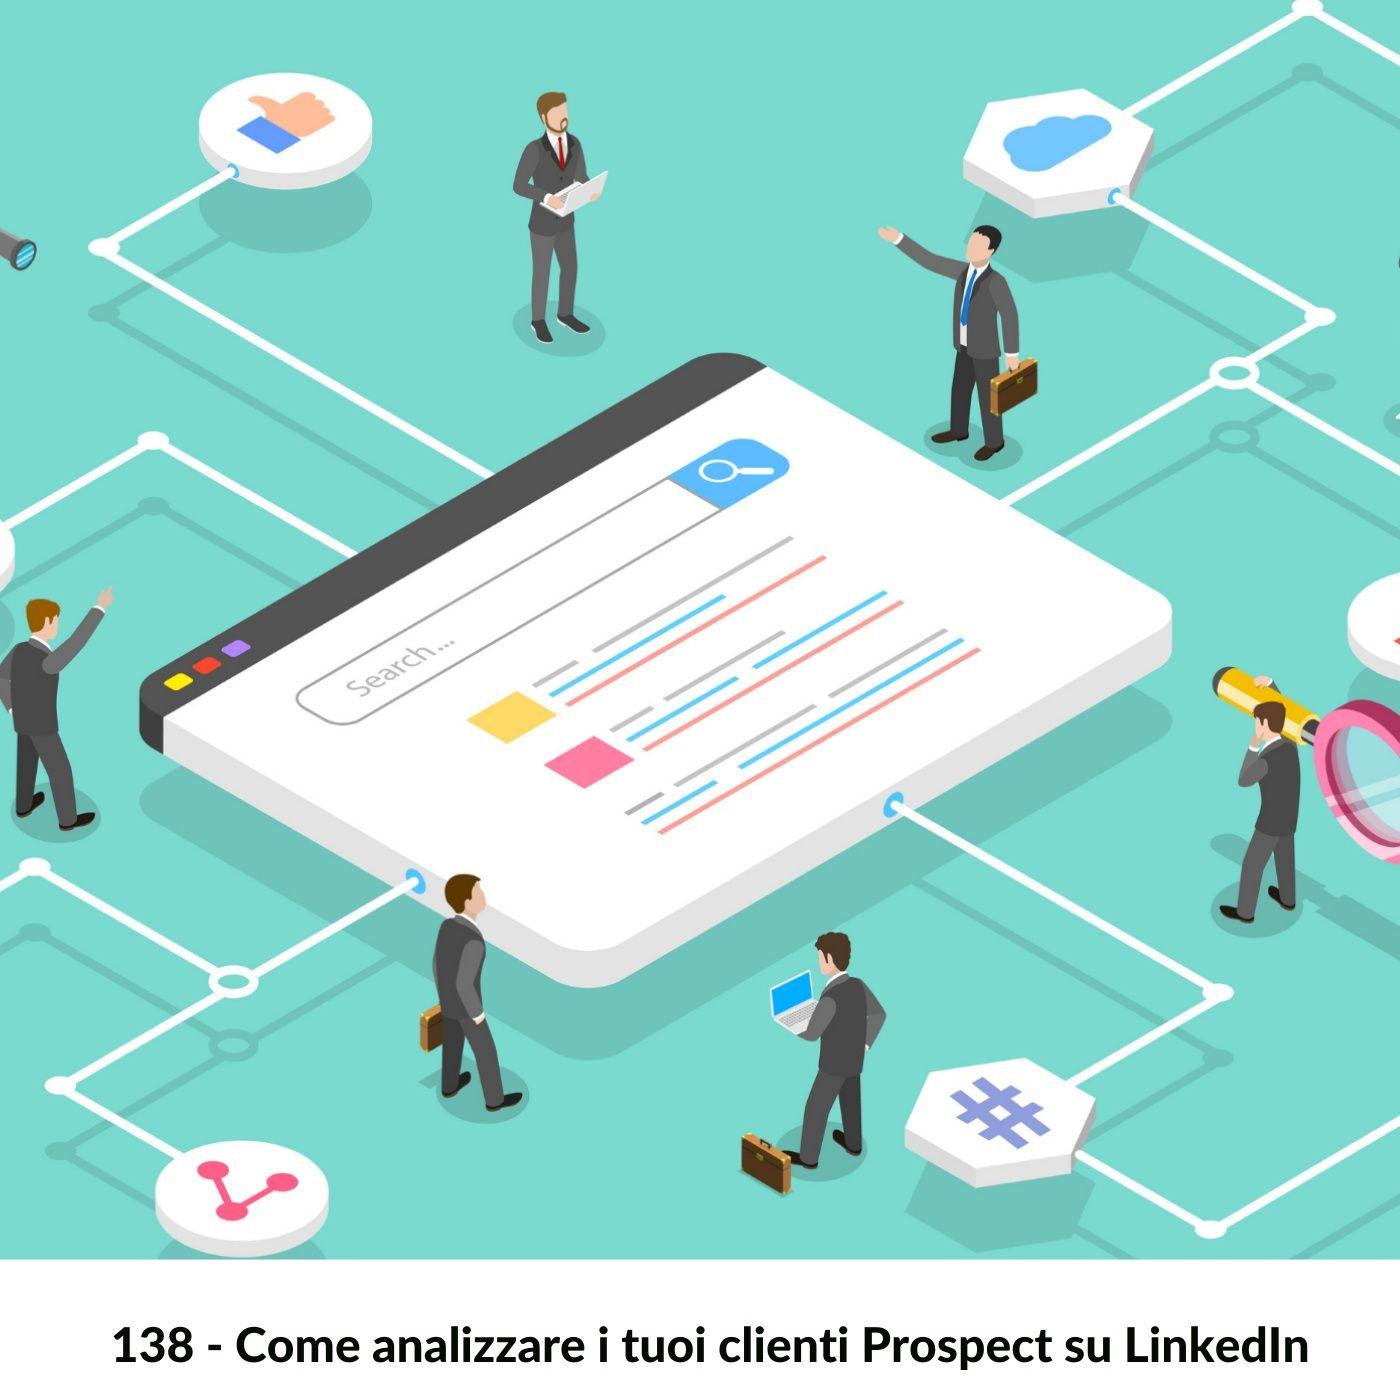 138 Come analizzare i tuoi clienti prospect su LinkedIn